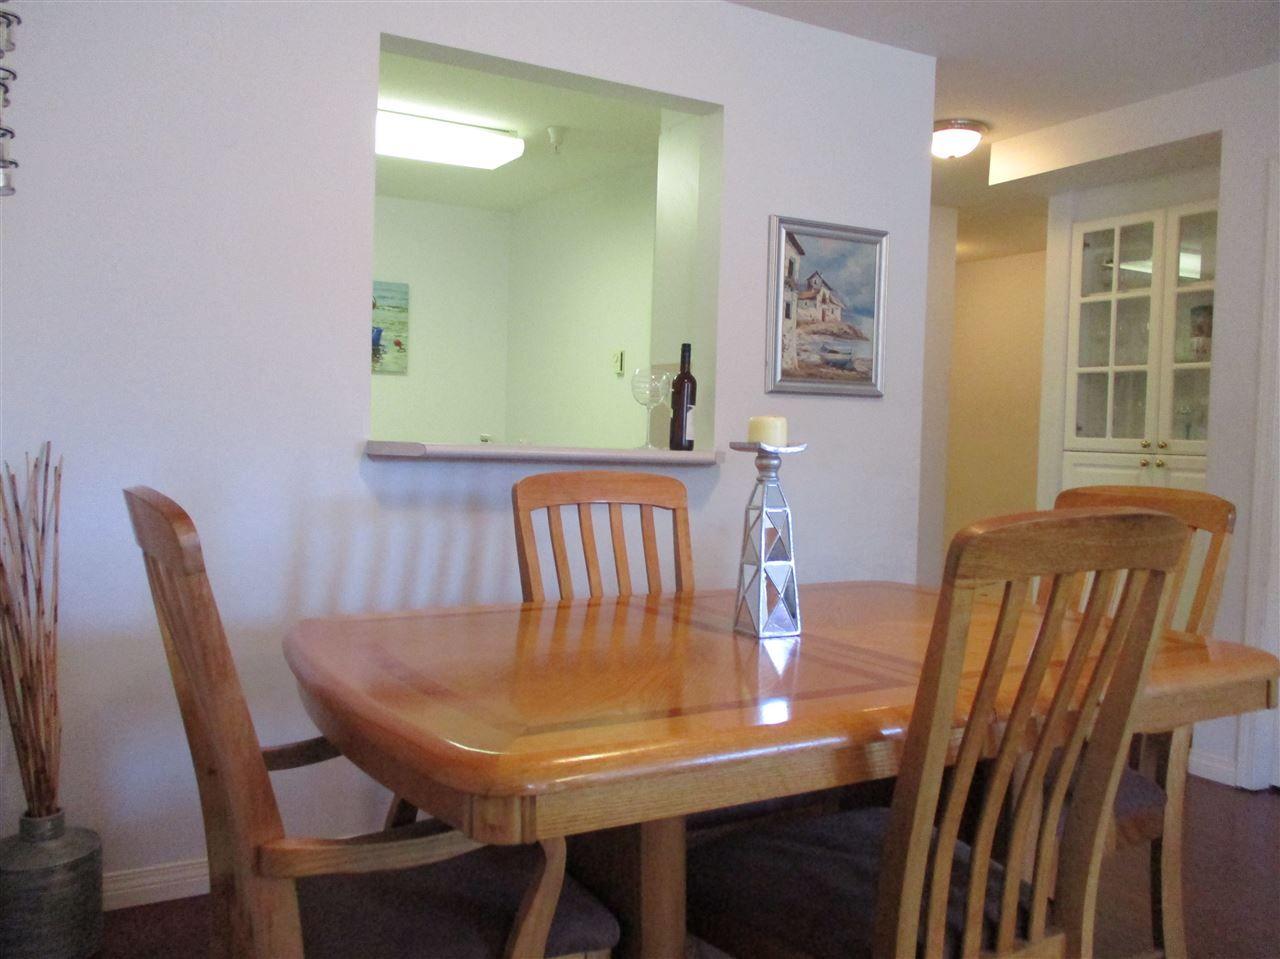 Photo 6: Photos: 106 15241 18 AVENUE in Surrey: King George Corridor Condo for sale (South Surrey White Rock)  : MLS®# R2190046